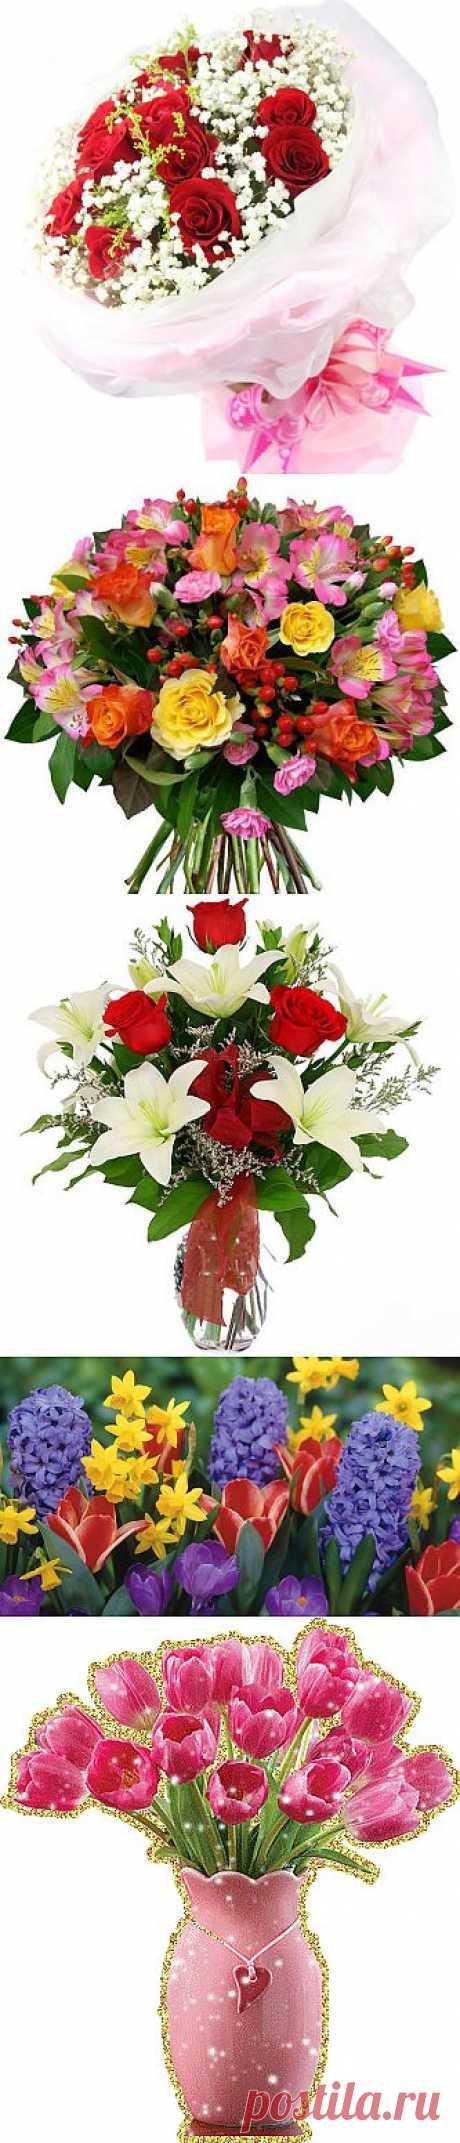 Букеты - красивые фото и картинки лучших букетов цветов